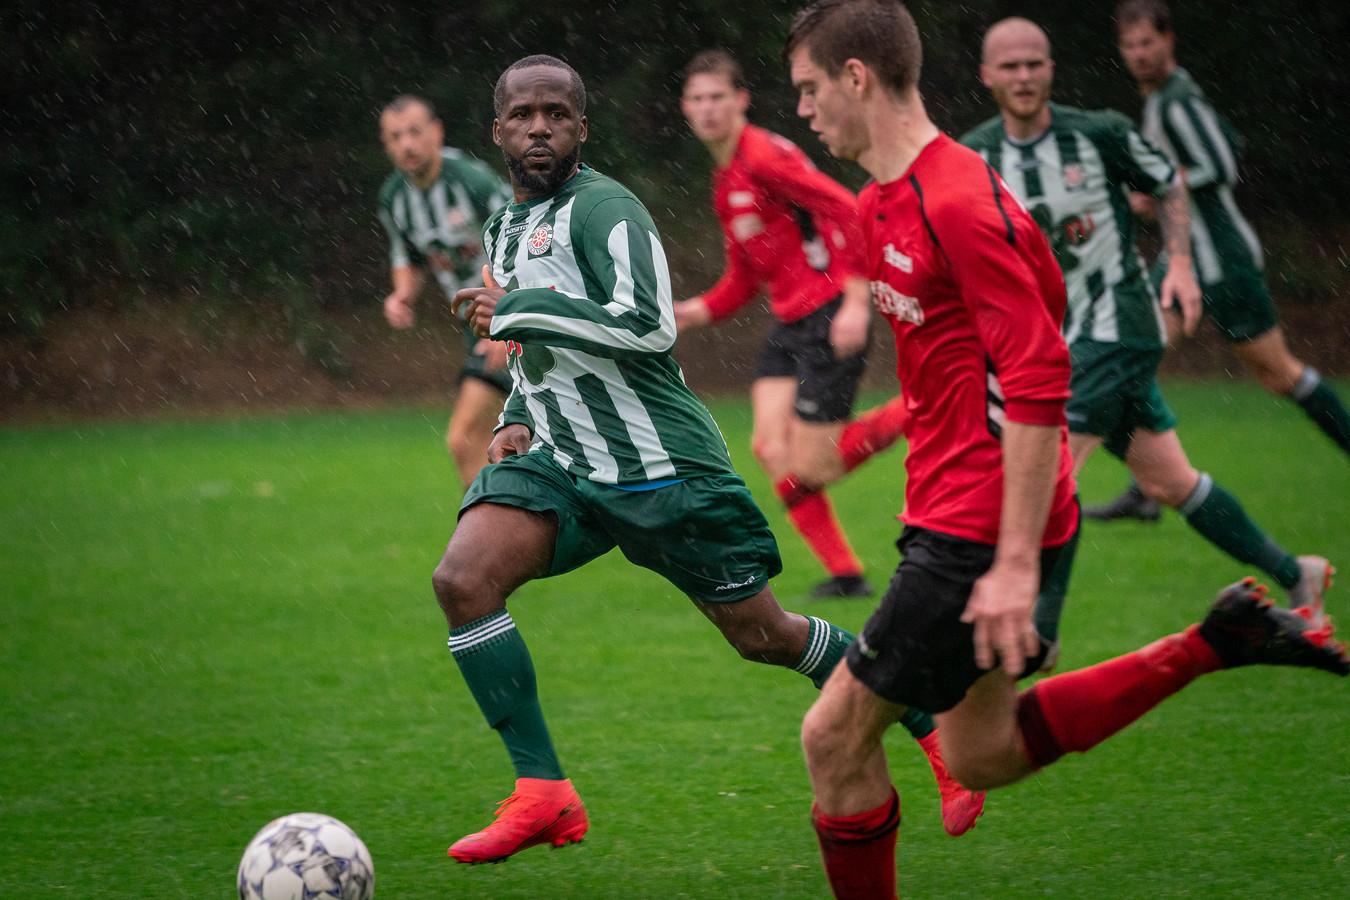 Jureno Augusto namens Wageningen (in het groen-wit) in actie